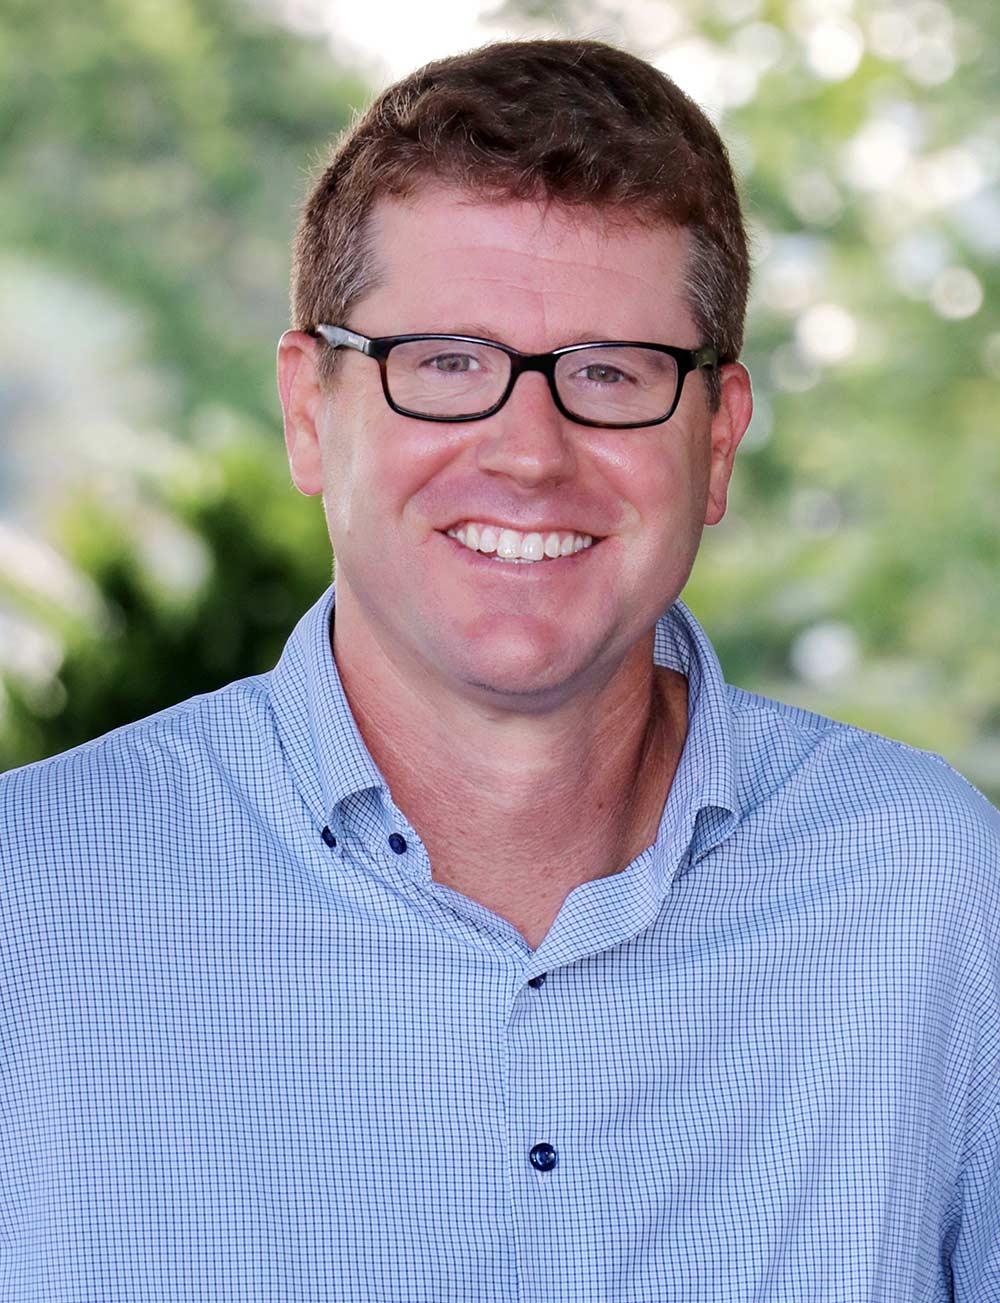 Ryan Straup